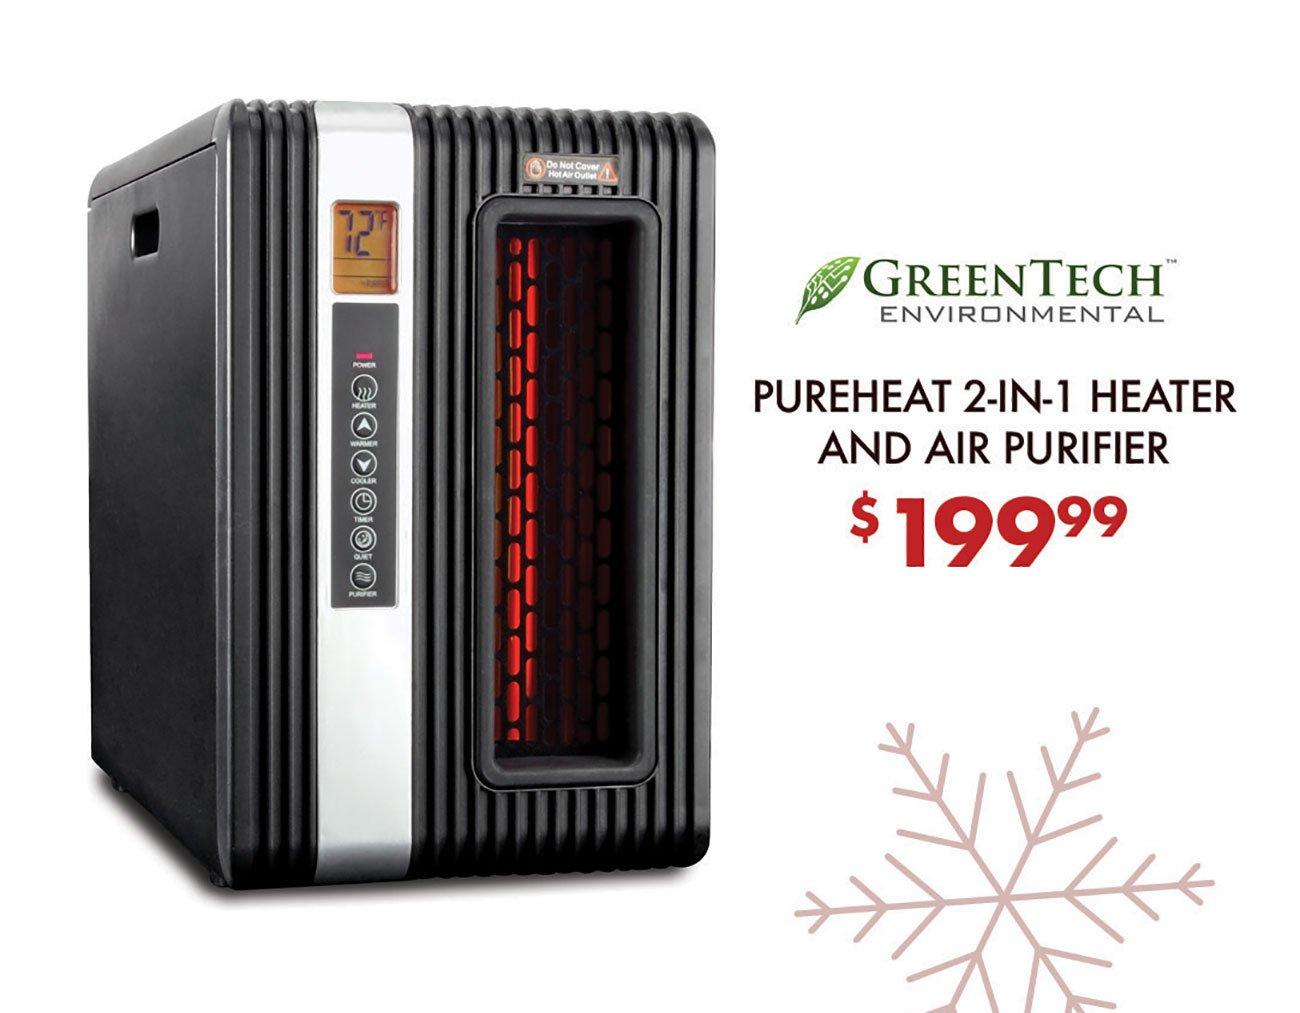 GreenTech-2in1-Heater-Air-Purifier